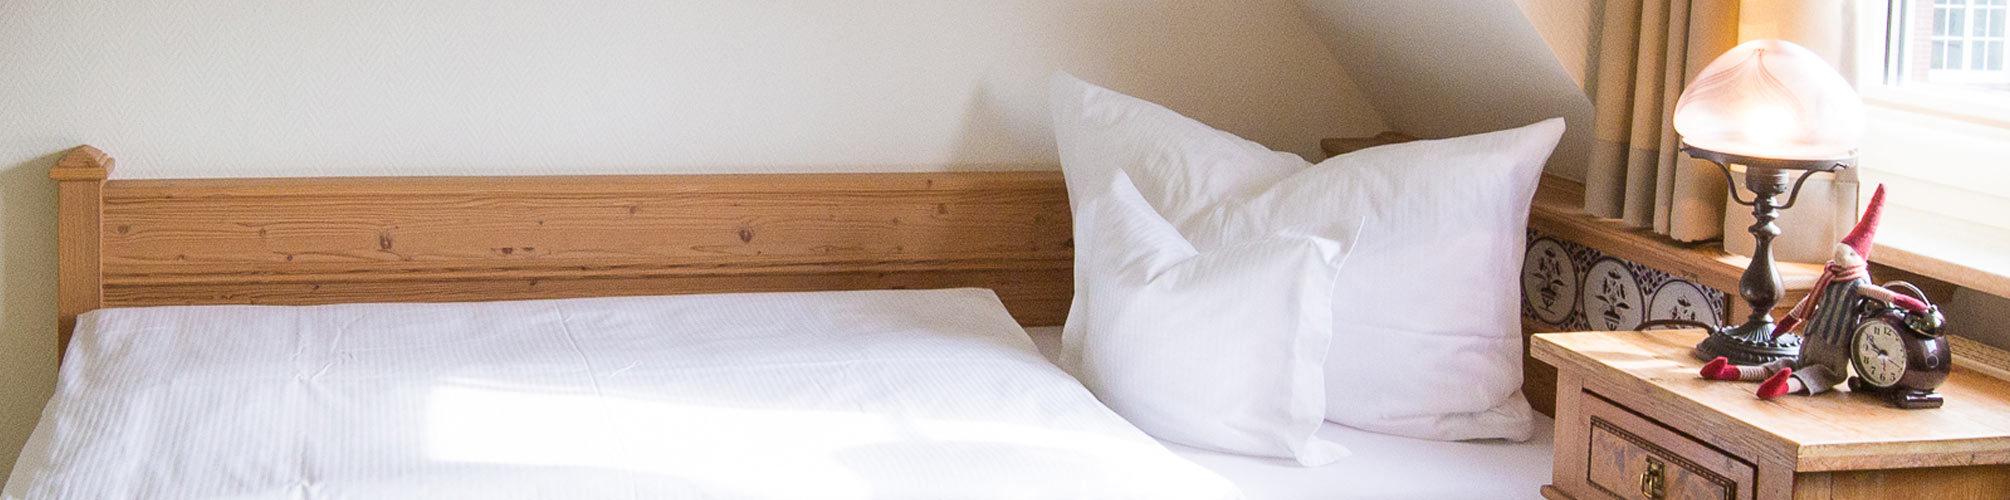 hotel-pension-uetjkiek-hotelzimmer-10